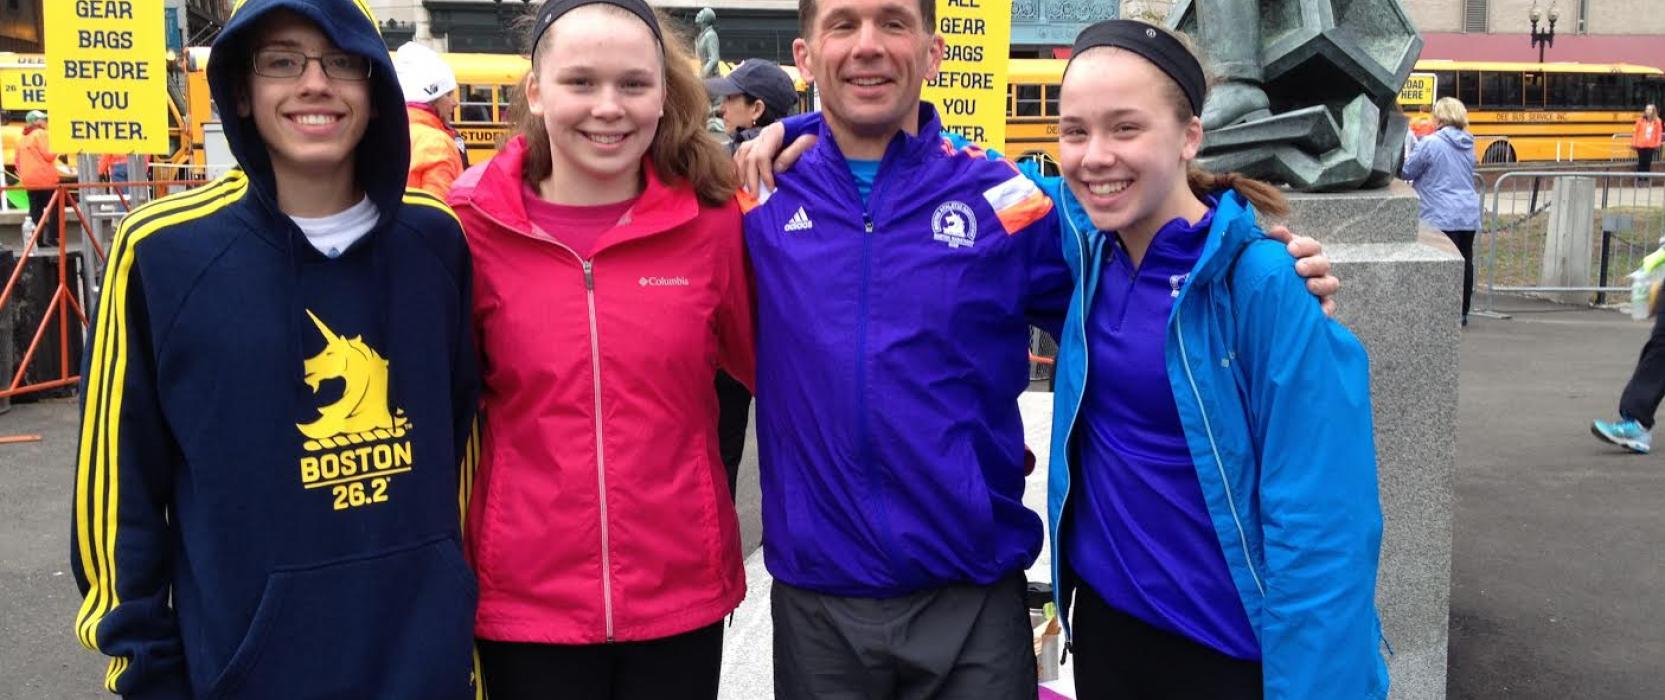 A Few Words with Boston Marathon Runner Doug Stevenson, Kistler & Knapp Principal